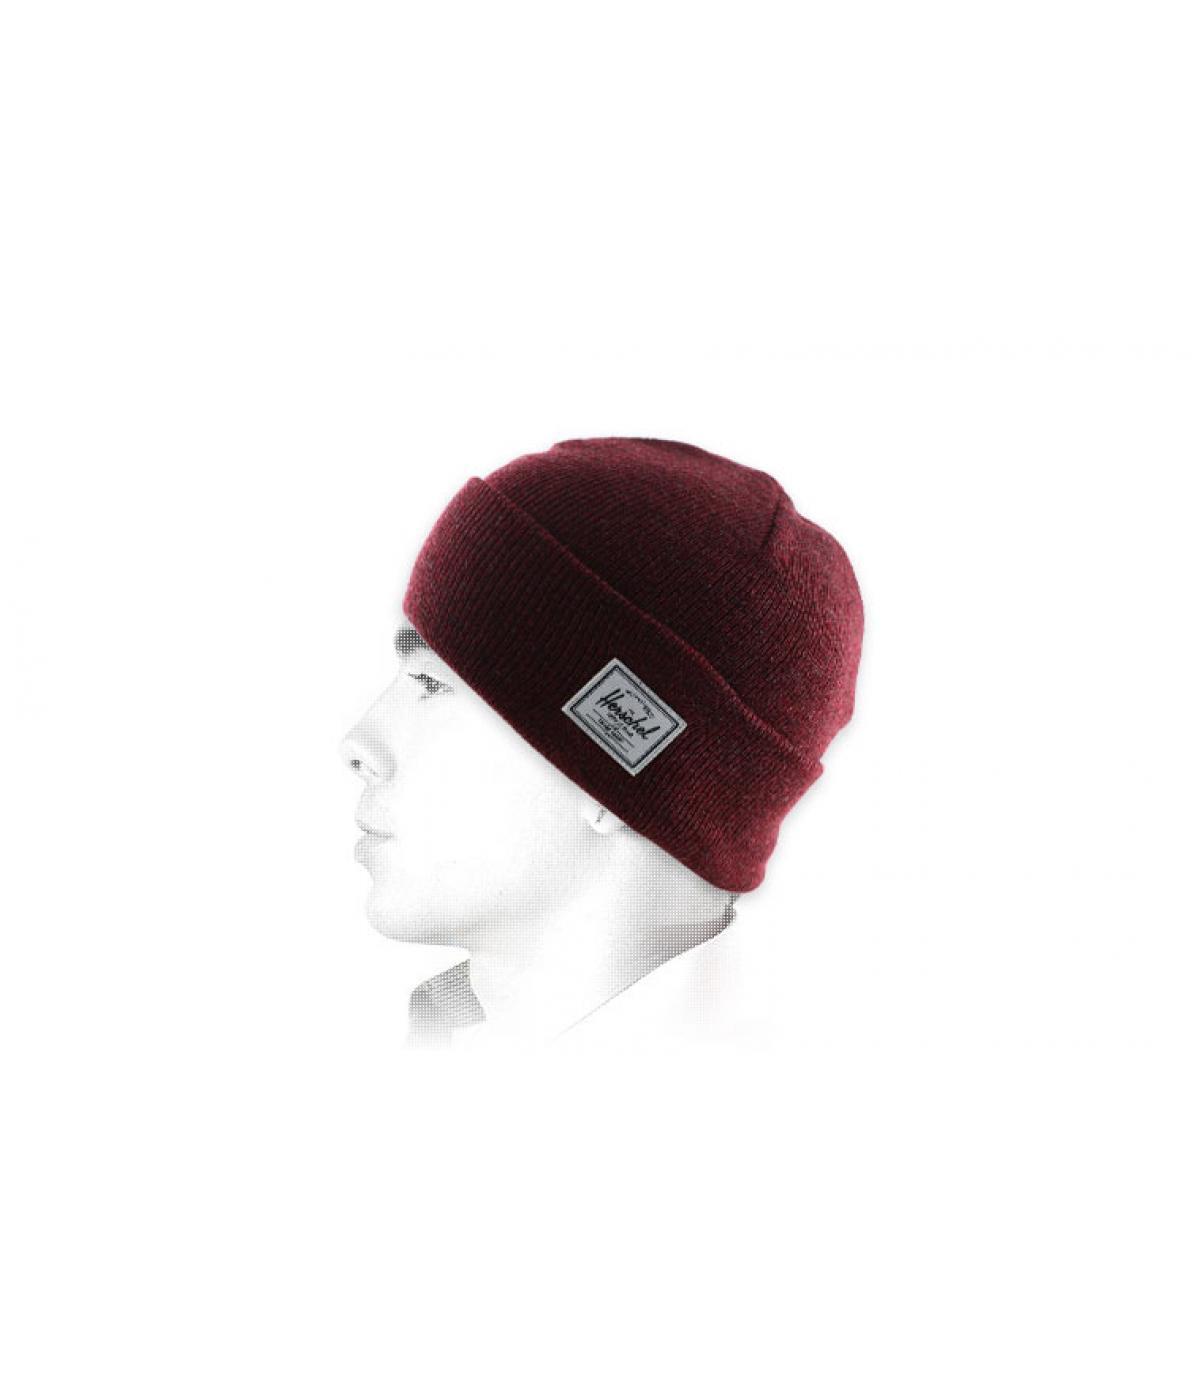 kastanjebruine hoed revers Herschel